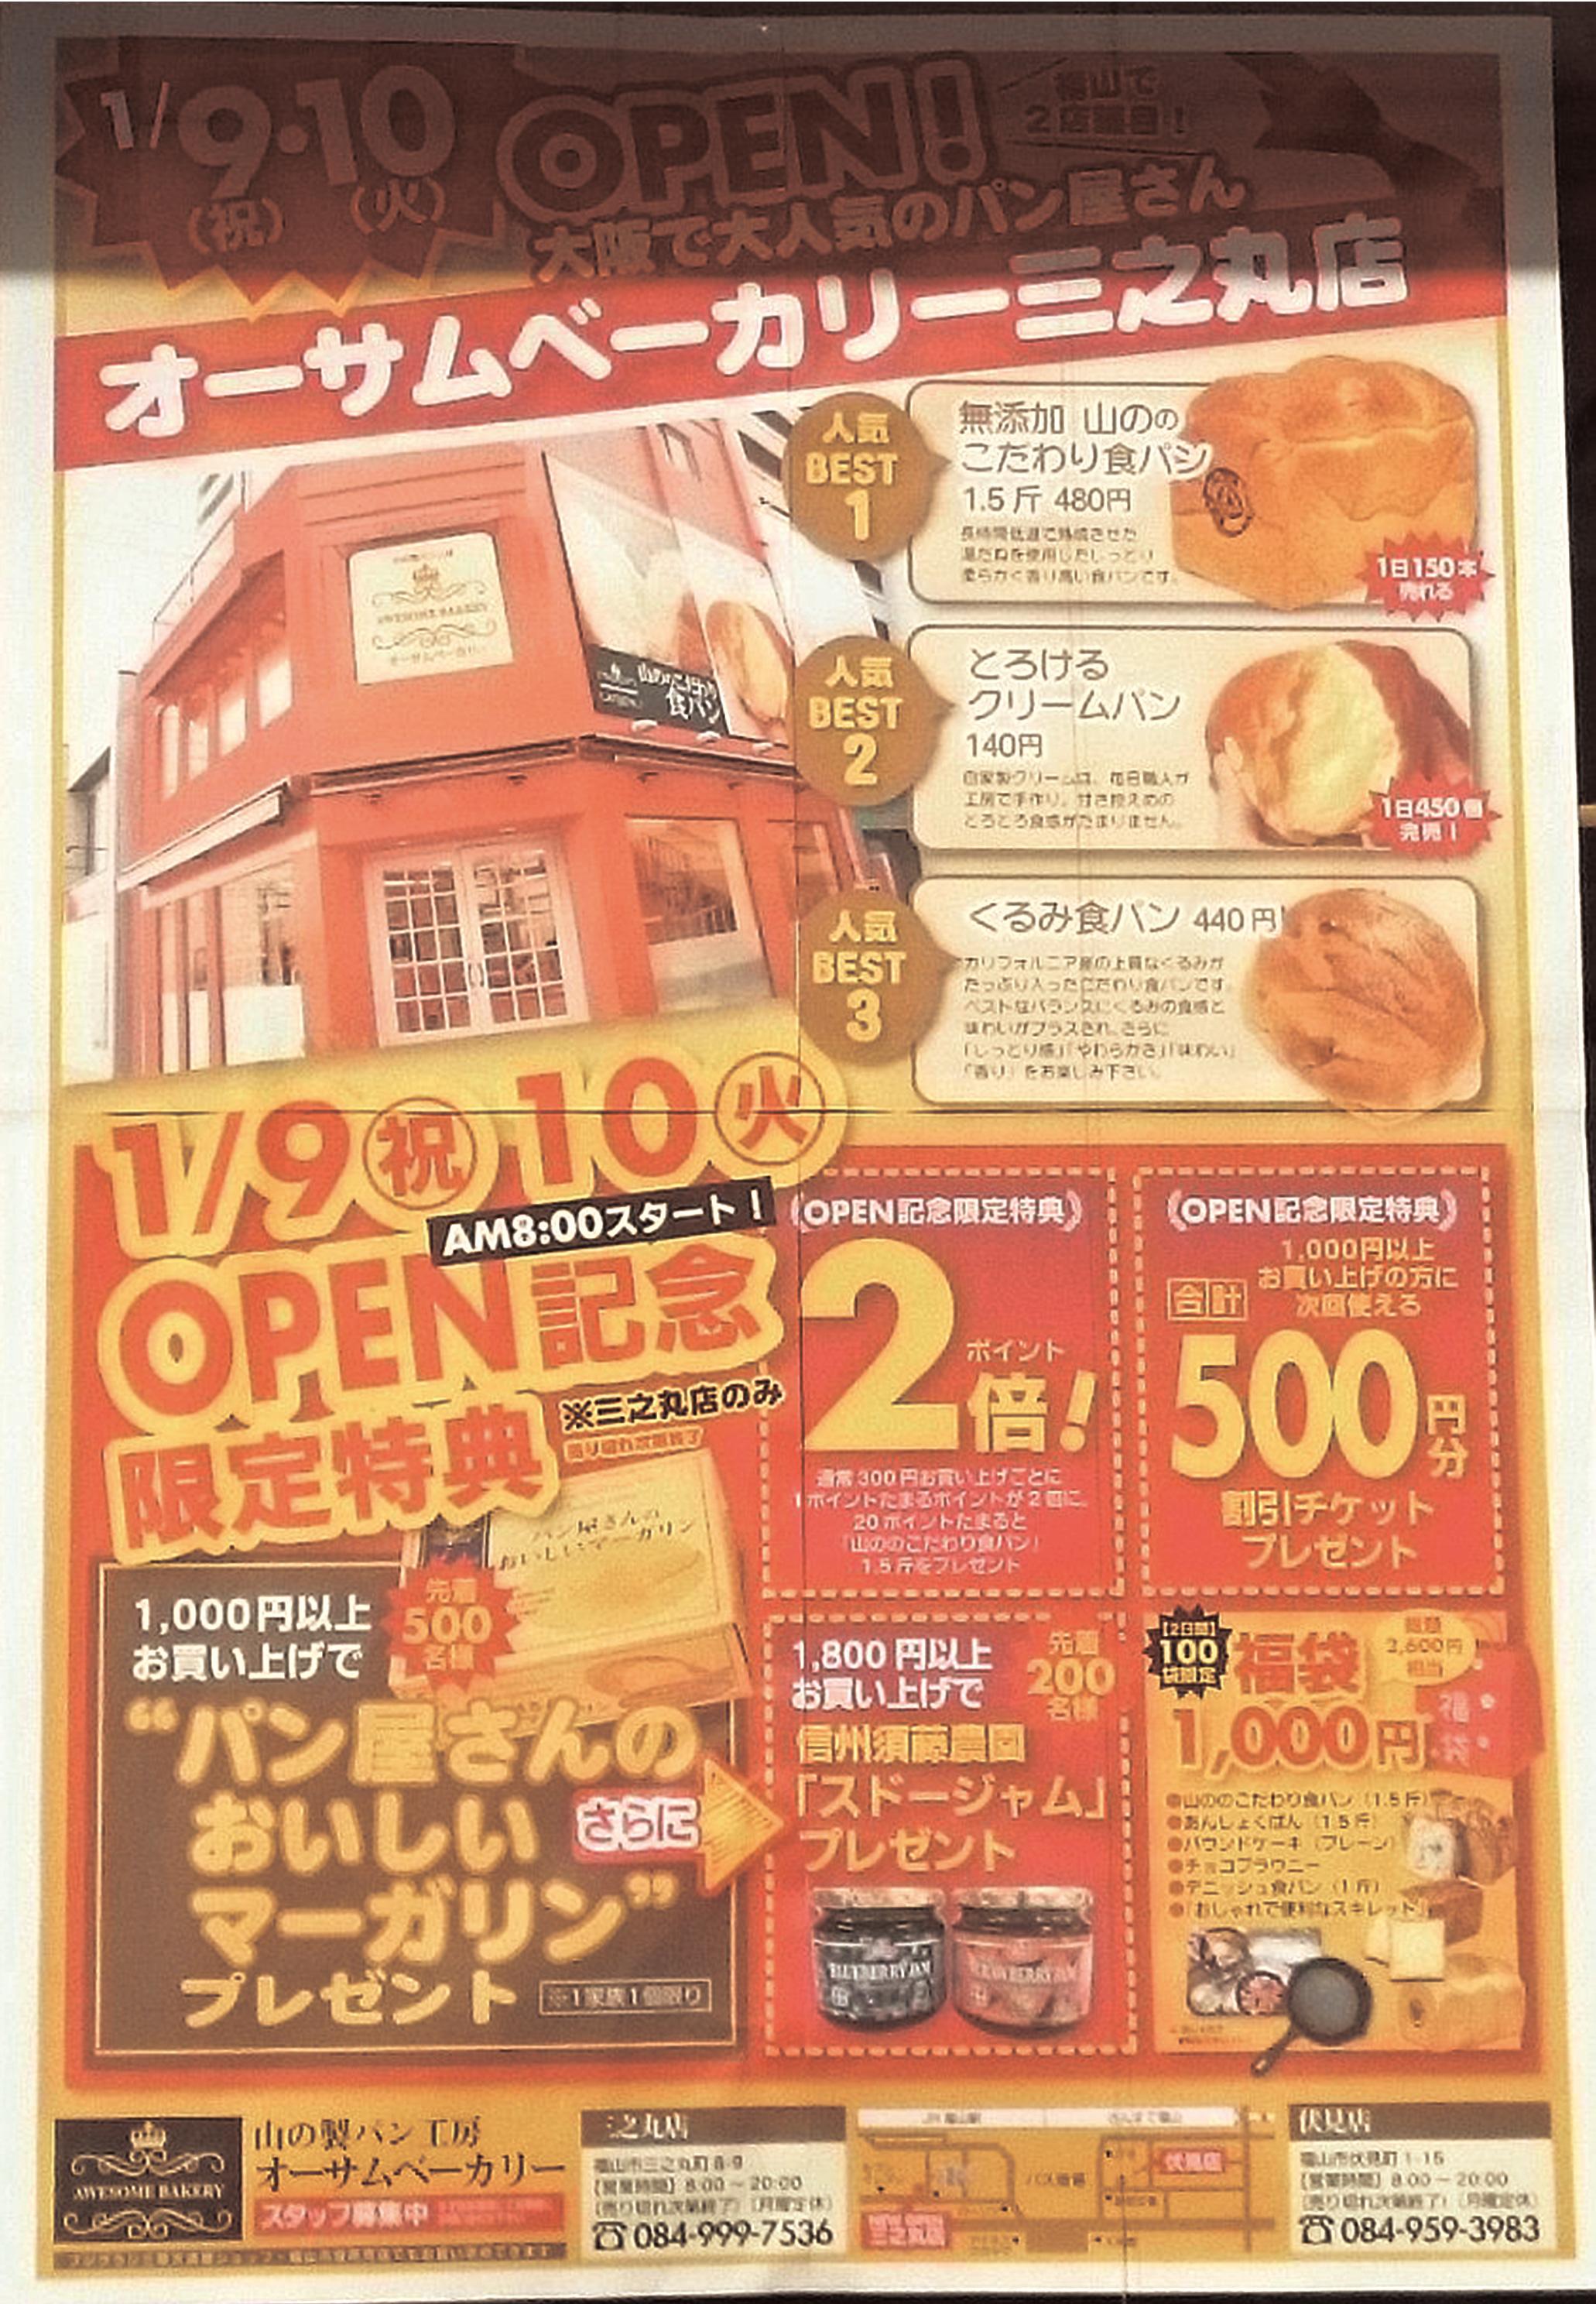 「オーサムベーカリー」2017年1月9日・10日OPEN!!